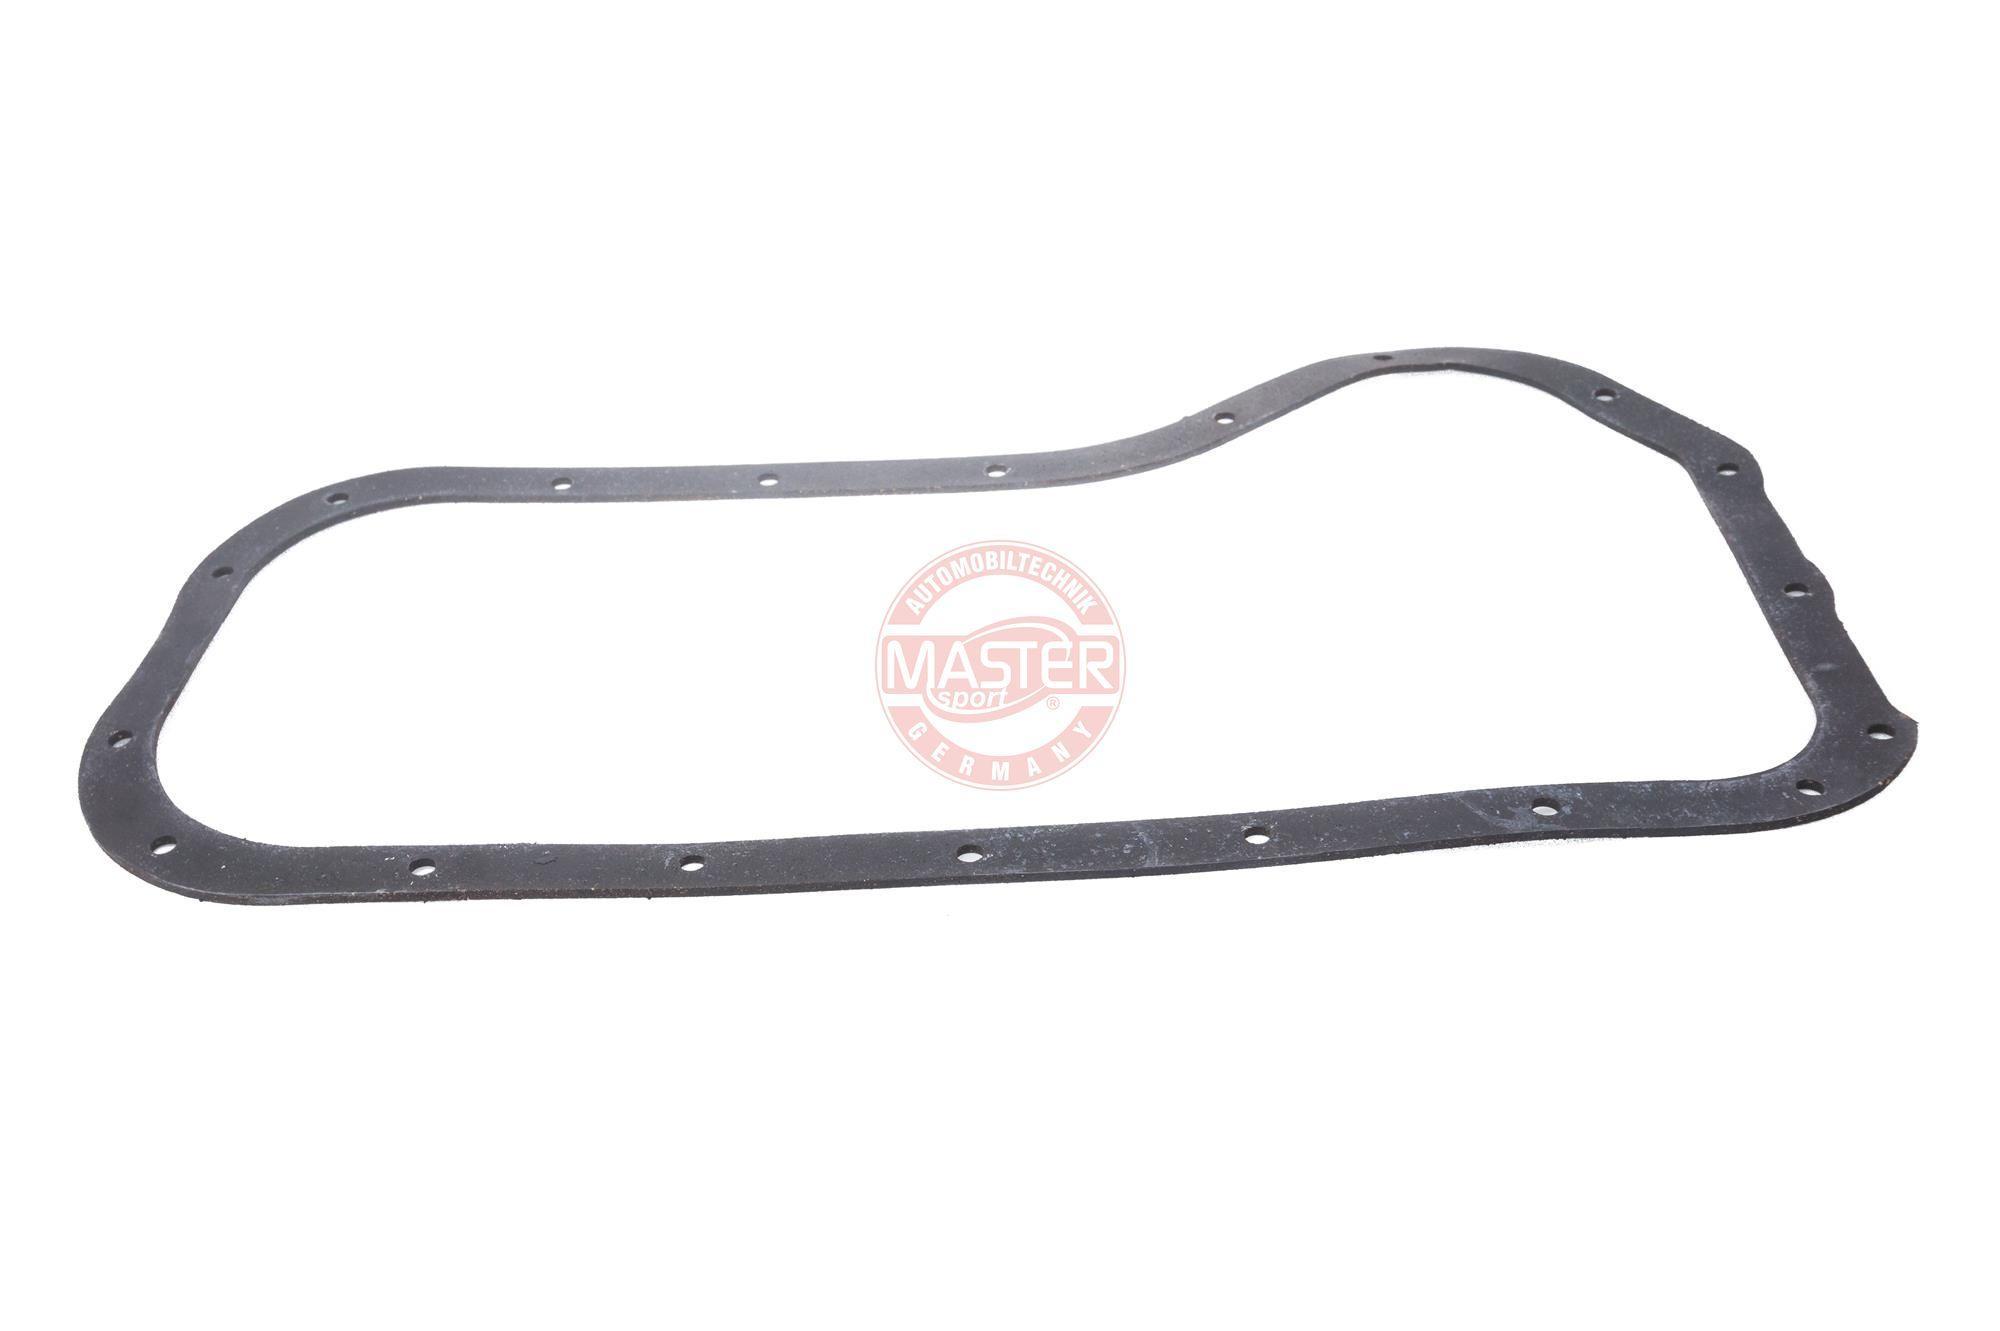 master-sport Carterpan Pakking LADA 2101-1009070-PCS-MS 21011009070 Pakking, Carter